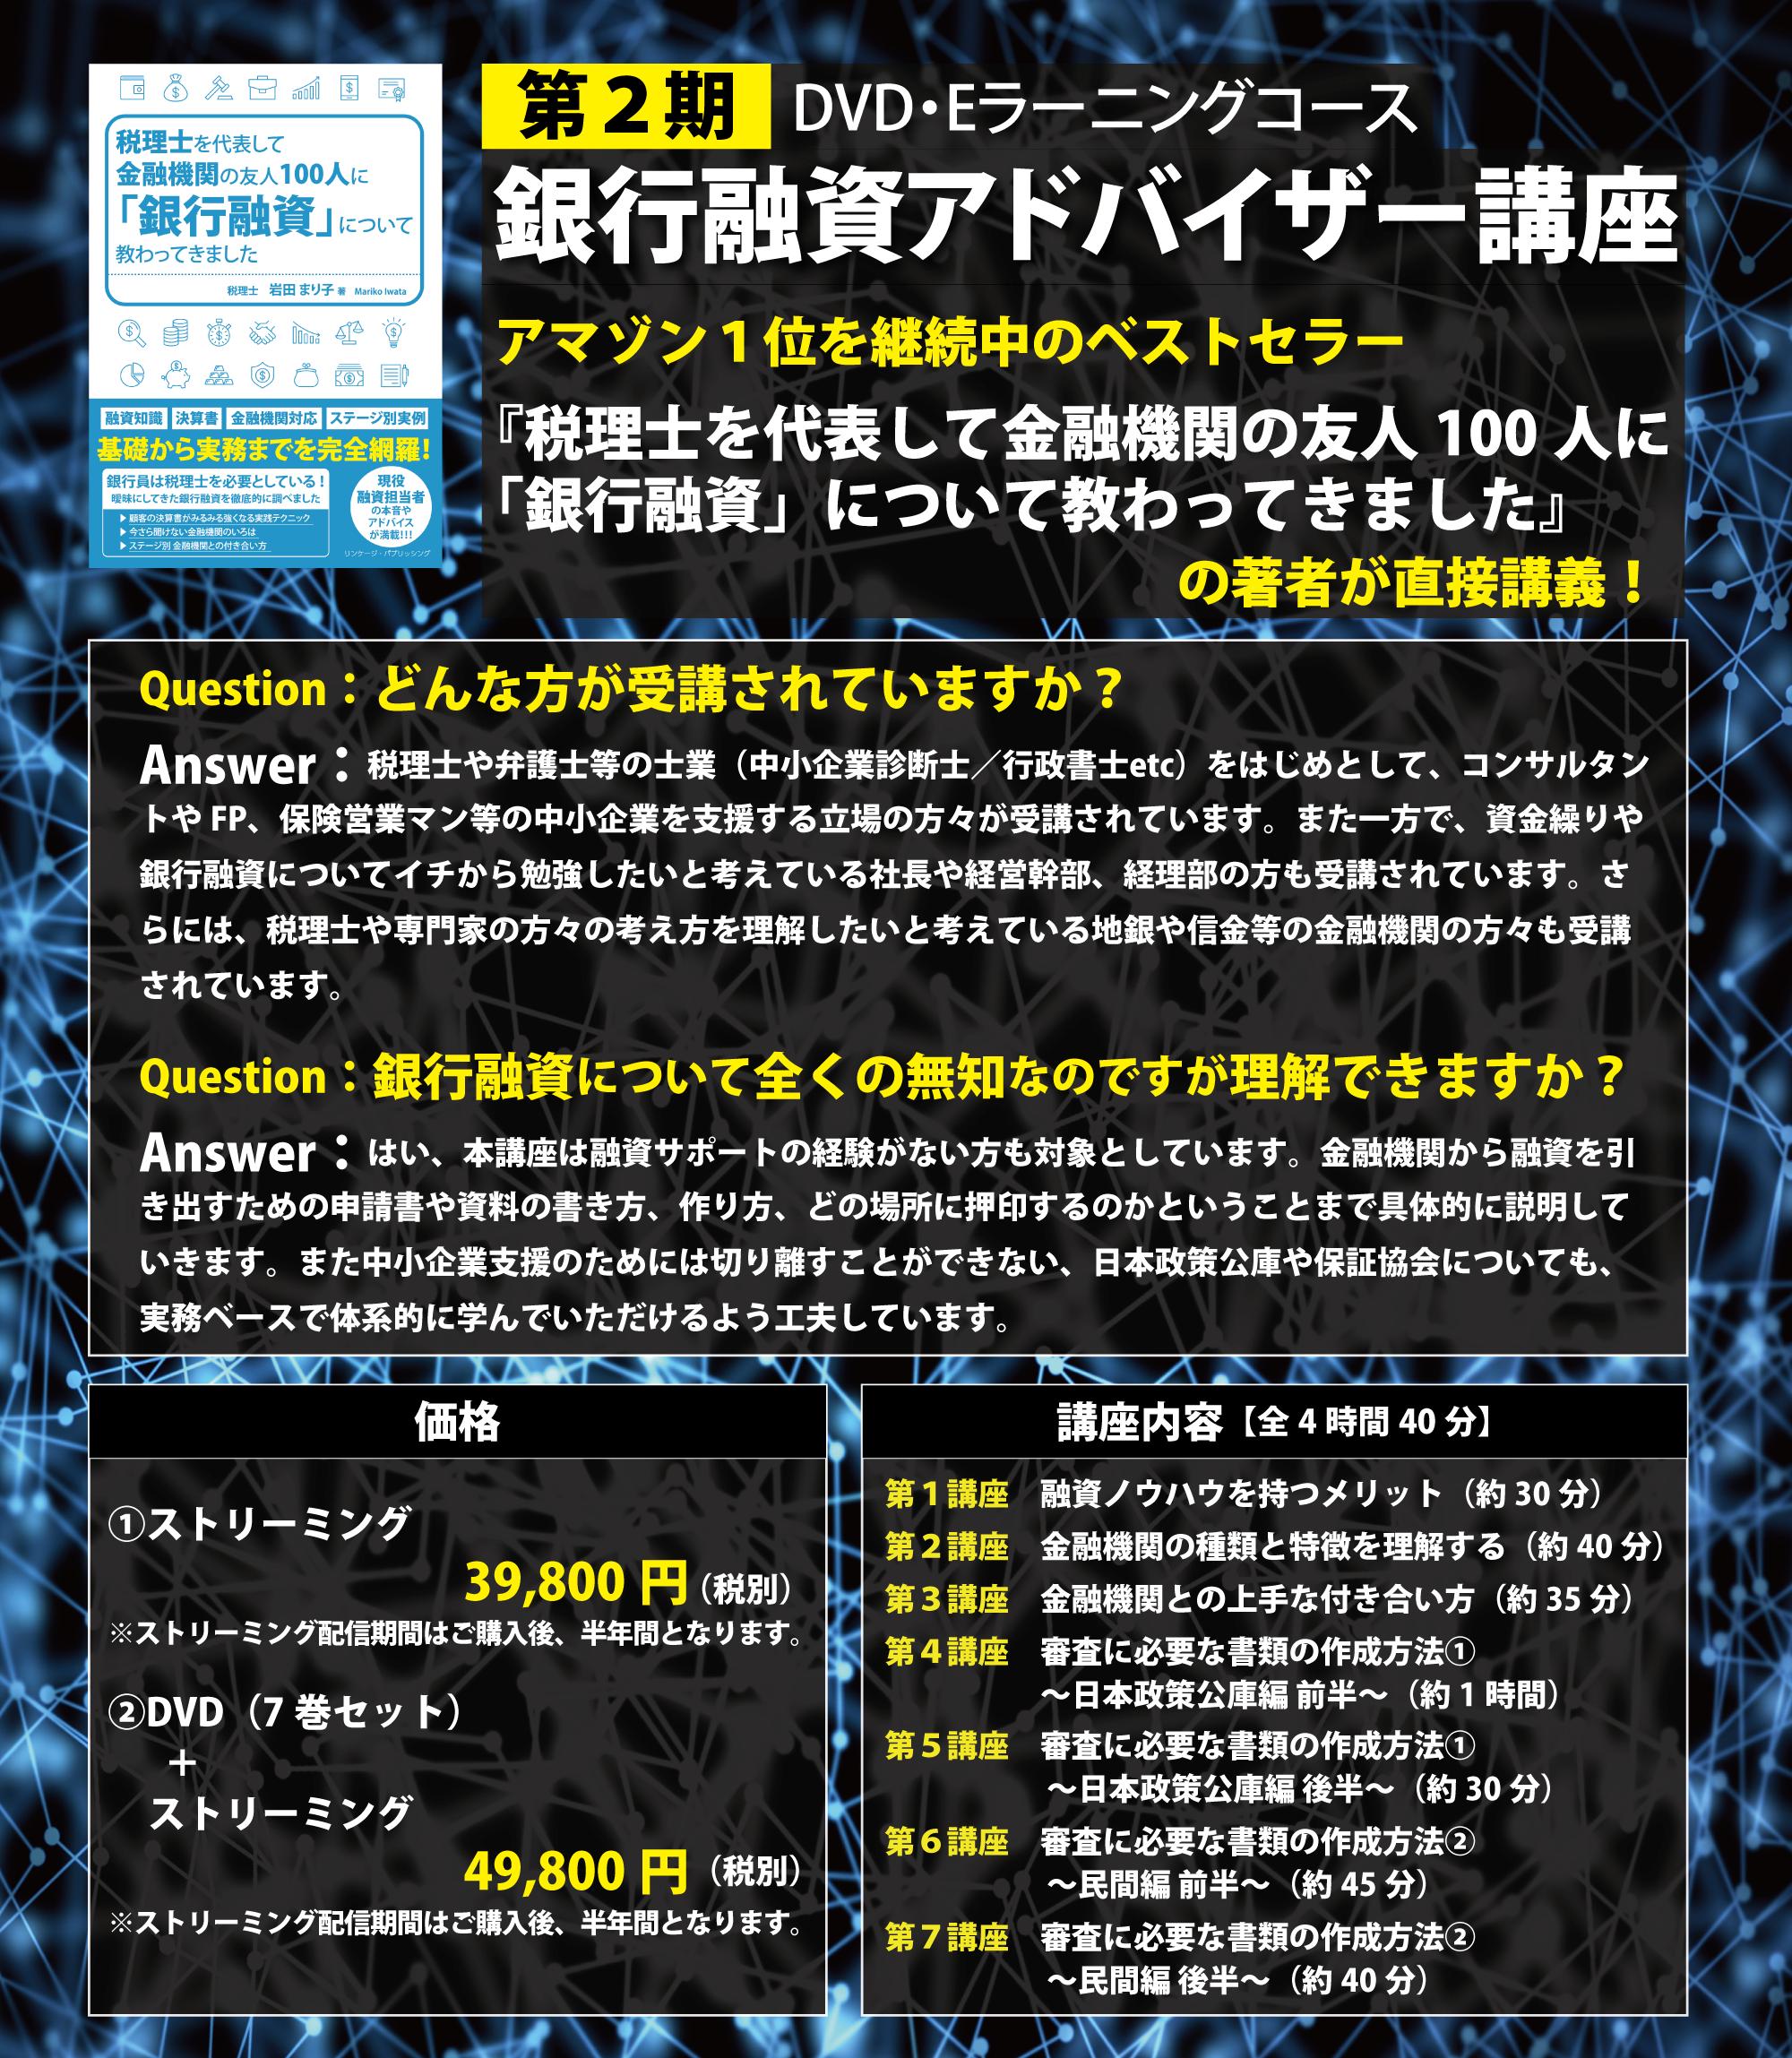 20200309_岩田さん税理士を代表してオンライン講座バナーver9第2期